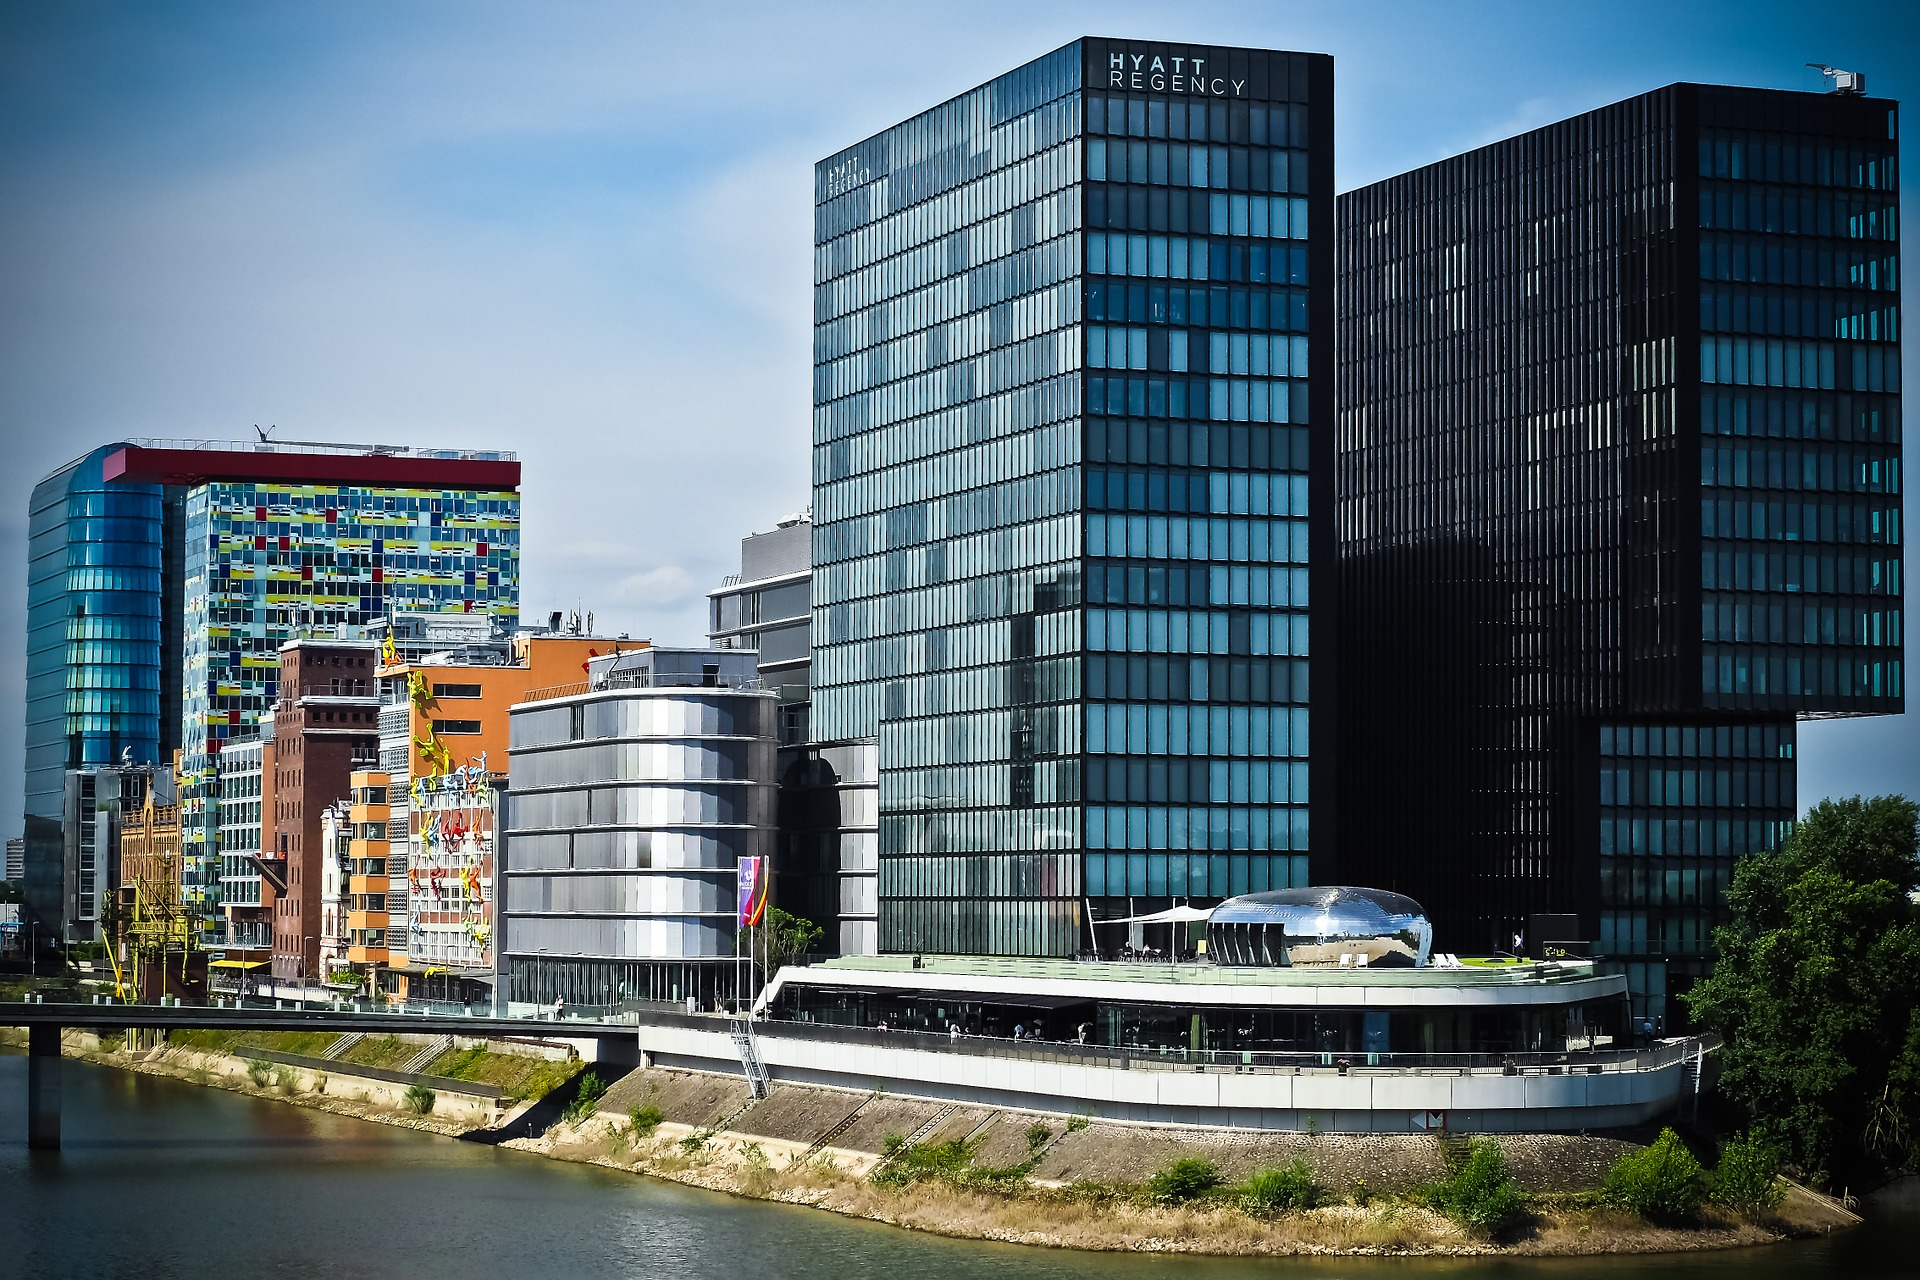 建筑, 城市, 体系结构, 端口, 杜塞尔多夫 - 高清壁纸 - 教授-falken.com